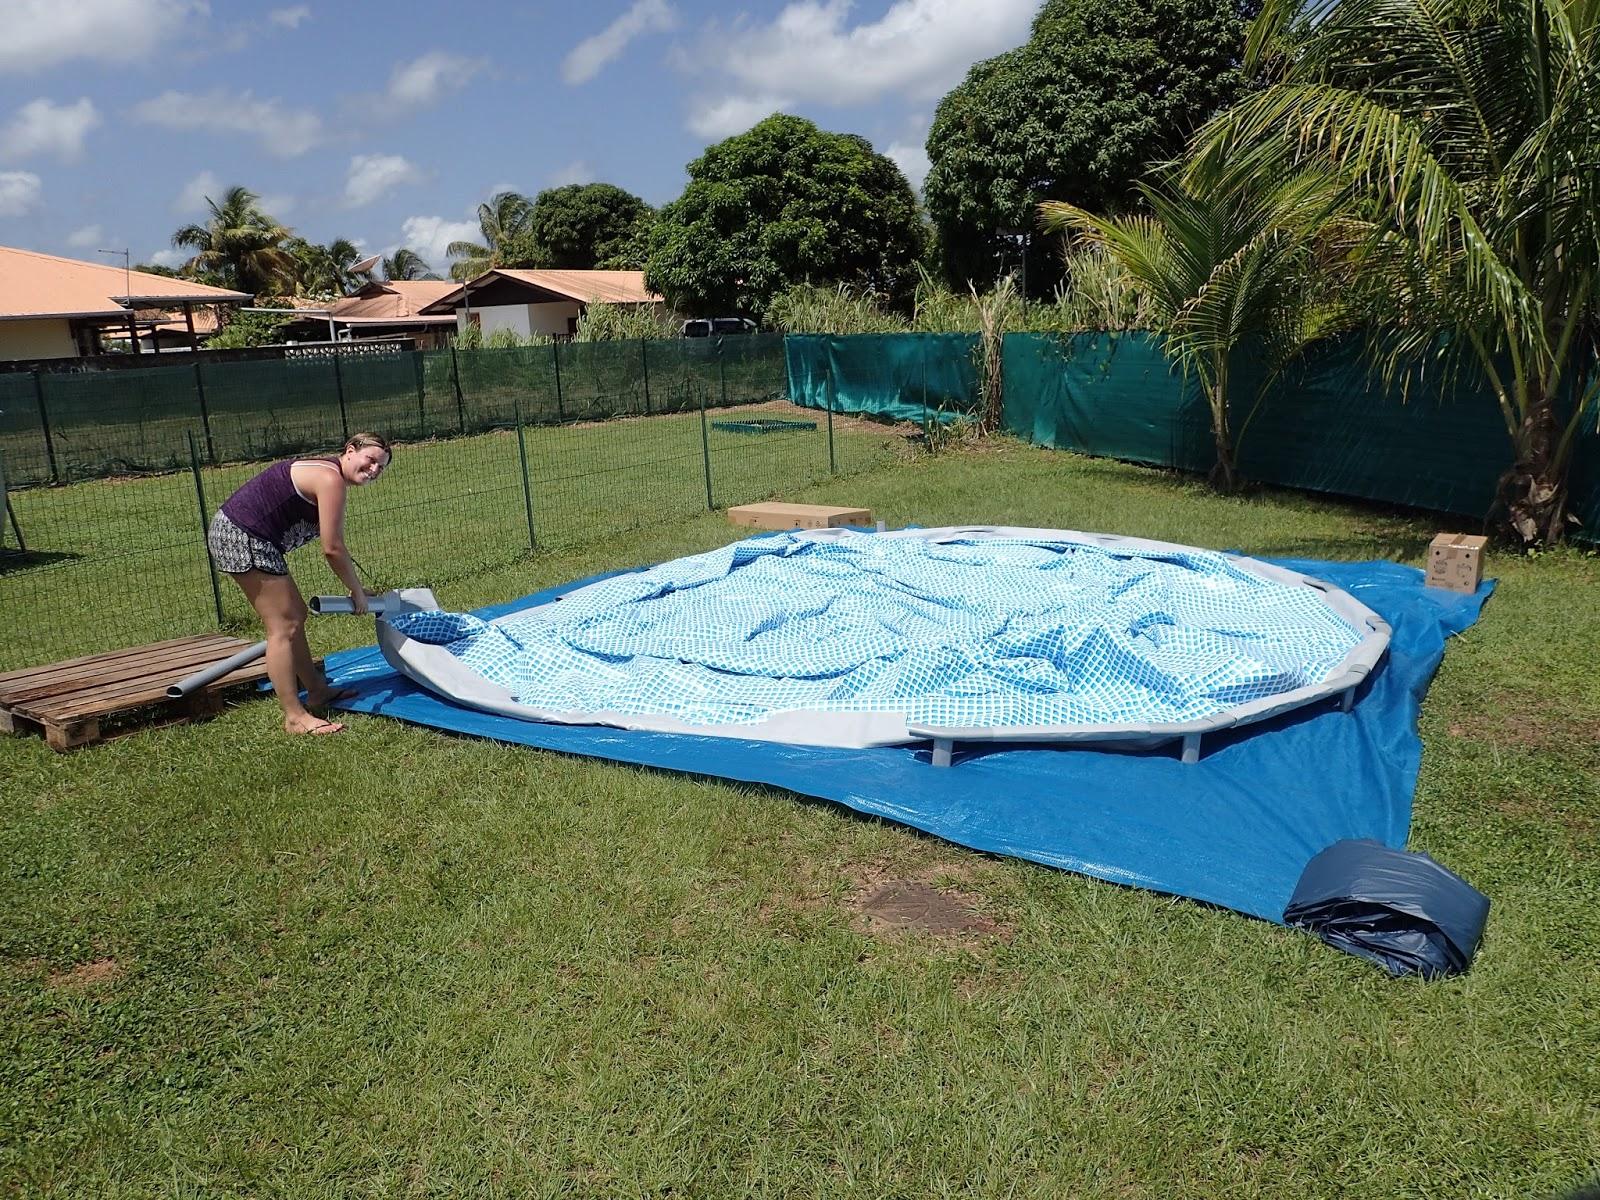 Bulles d 39 arual la piscine for Trop de chlore piscine